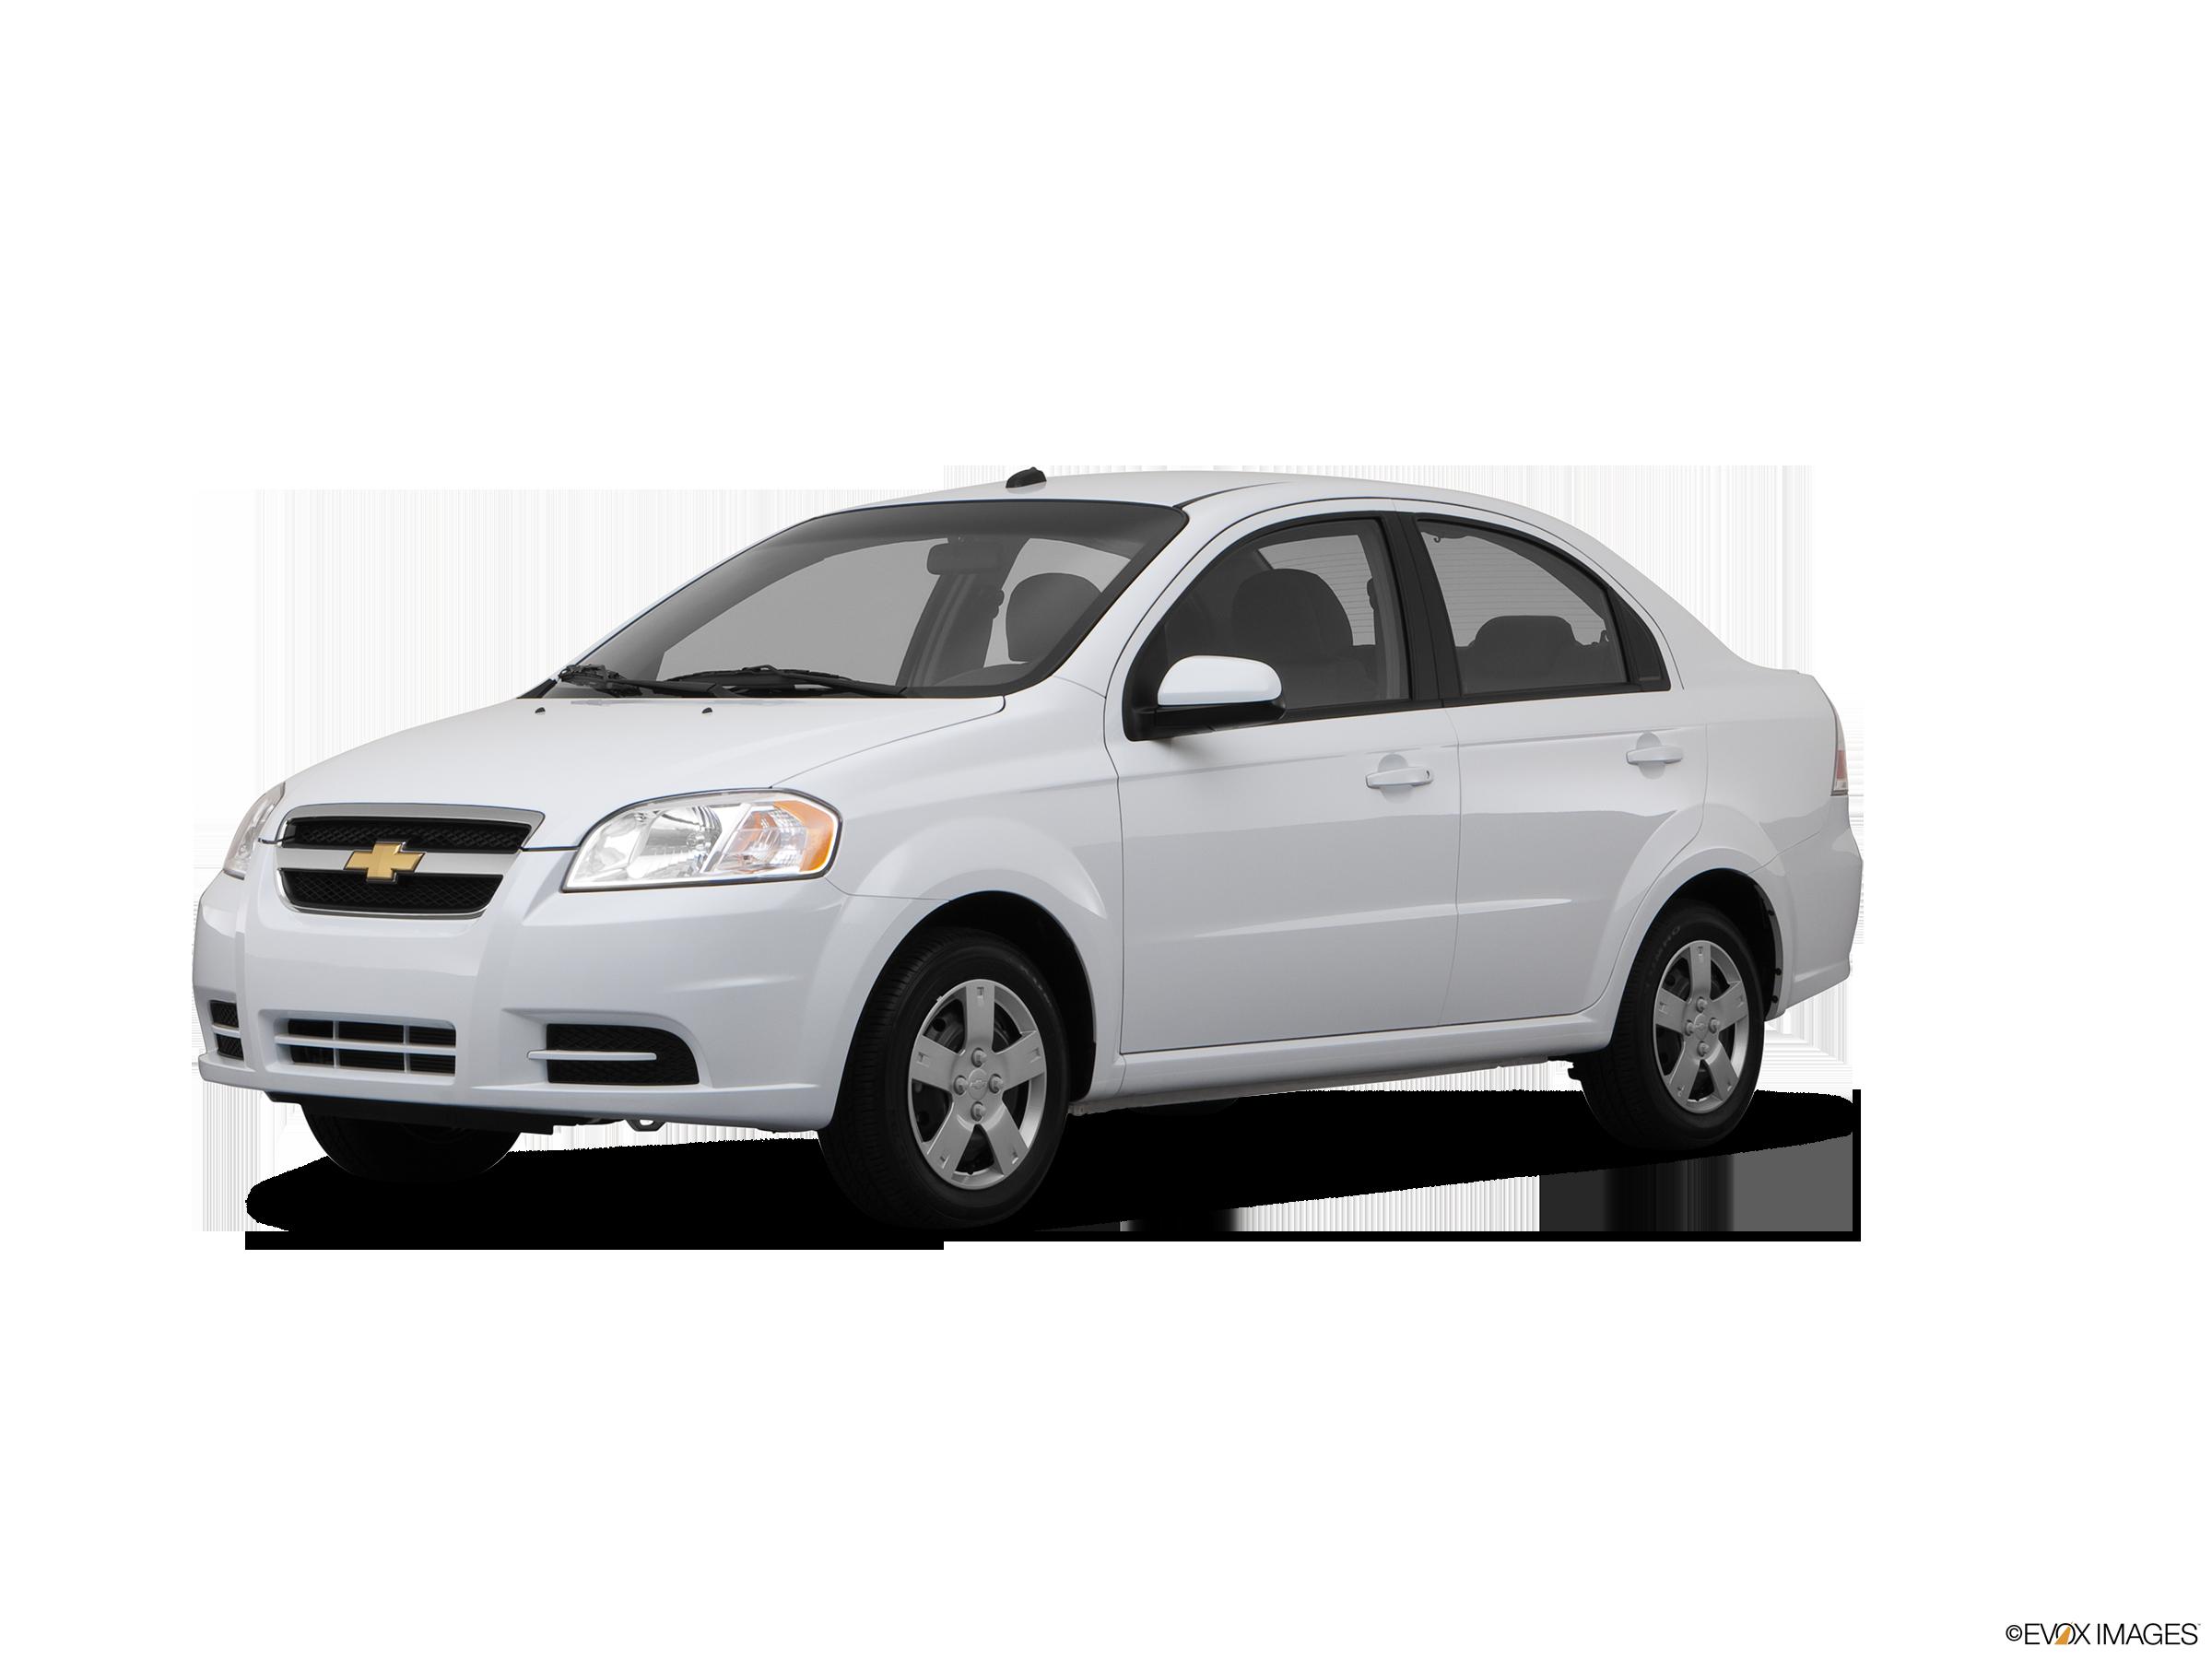 Kelebihan Kekurangan Chevrolet Aveo 2011 Perbandingan Harga